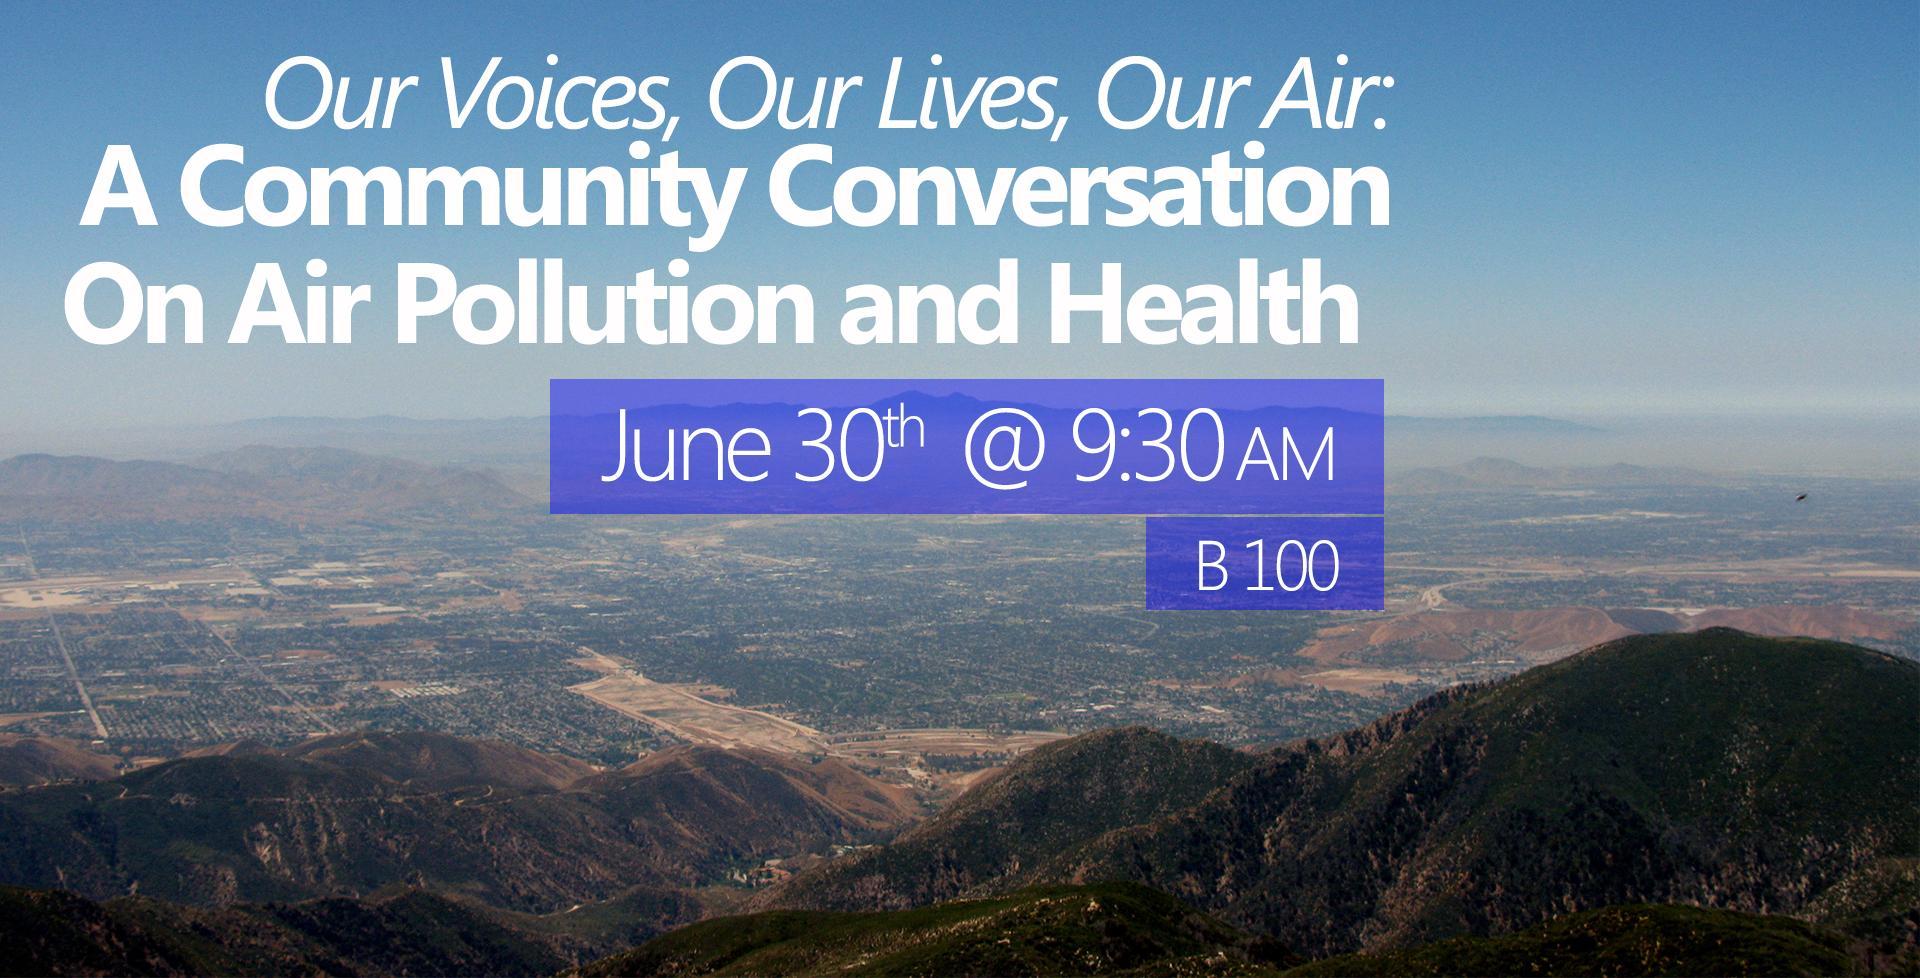 June 30 > Air Pollution & Health Summit